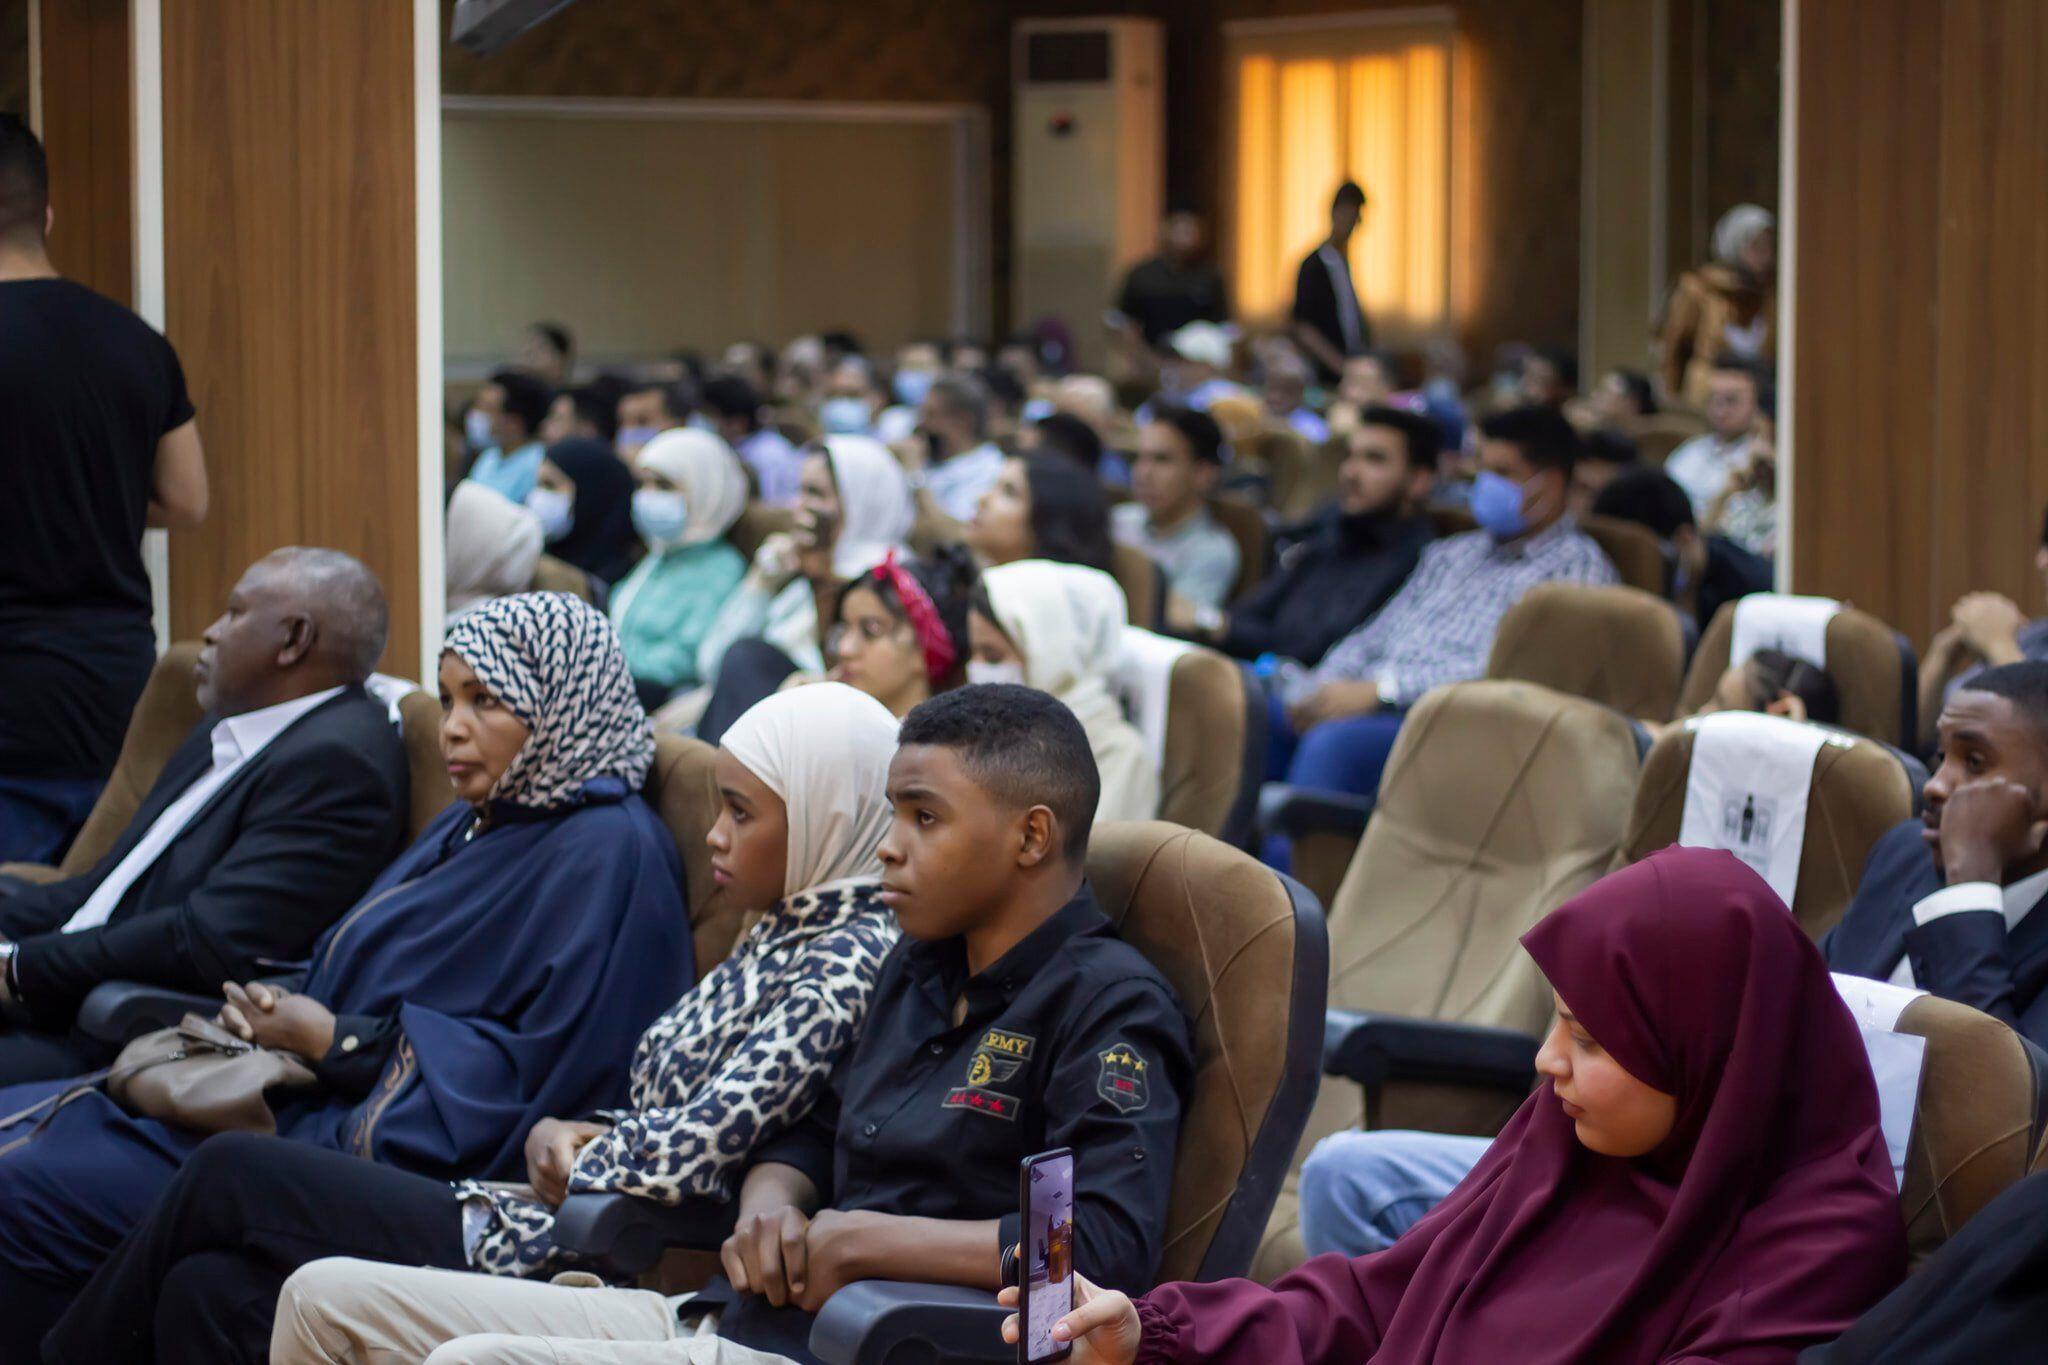 أسبوع براح الثقافي الفني في بنغازي، ليبيا